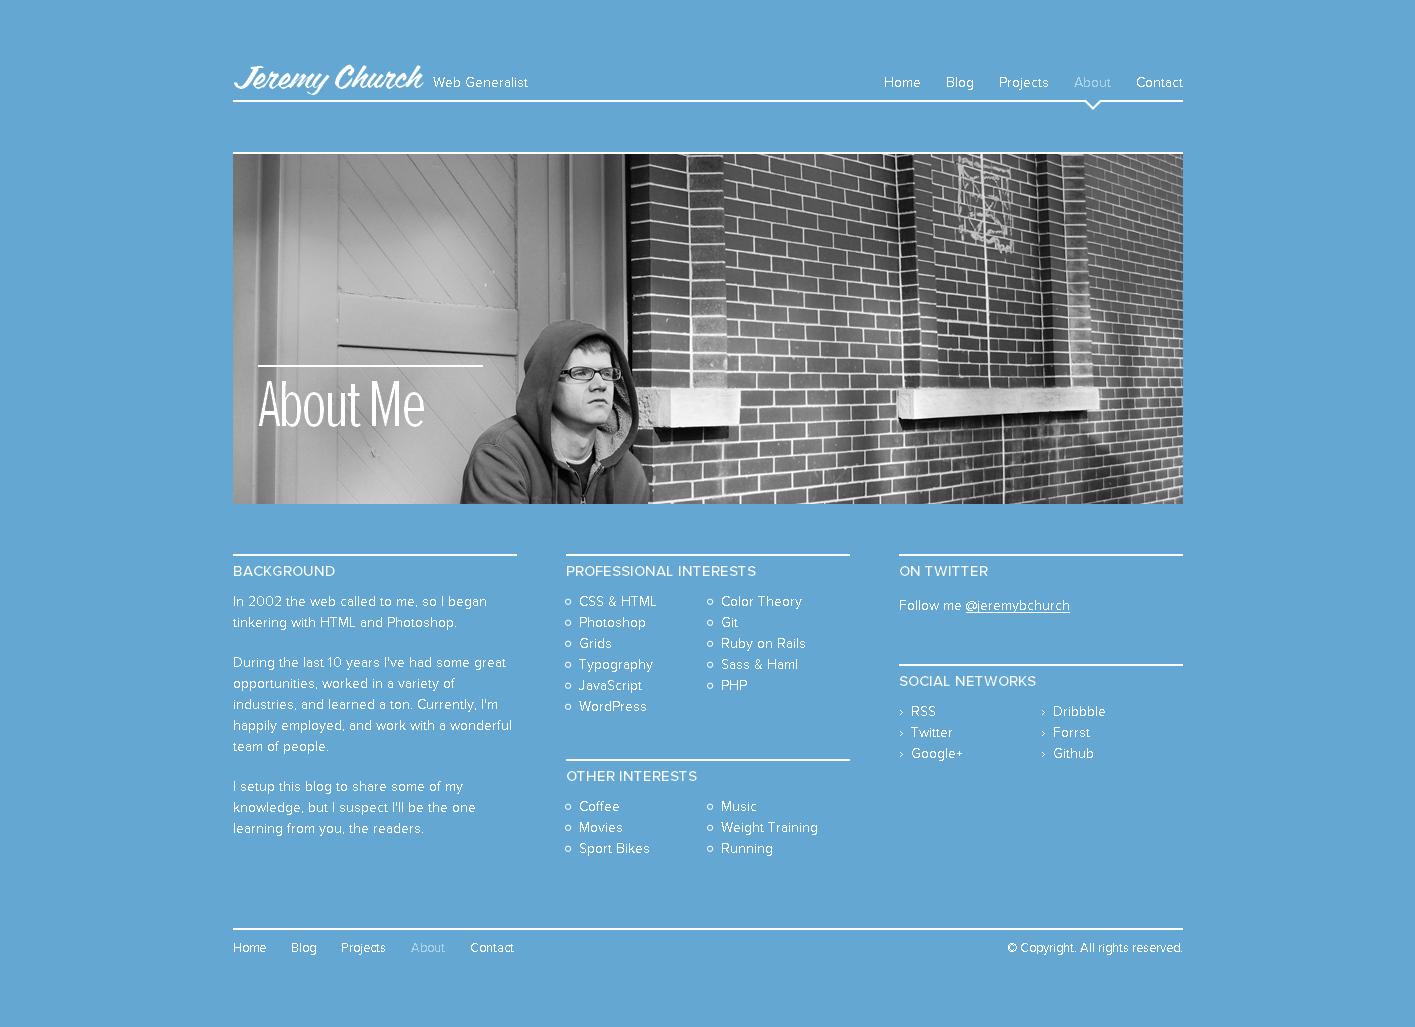 优秀个人网页; eremy网页设计师个人网站!图片